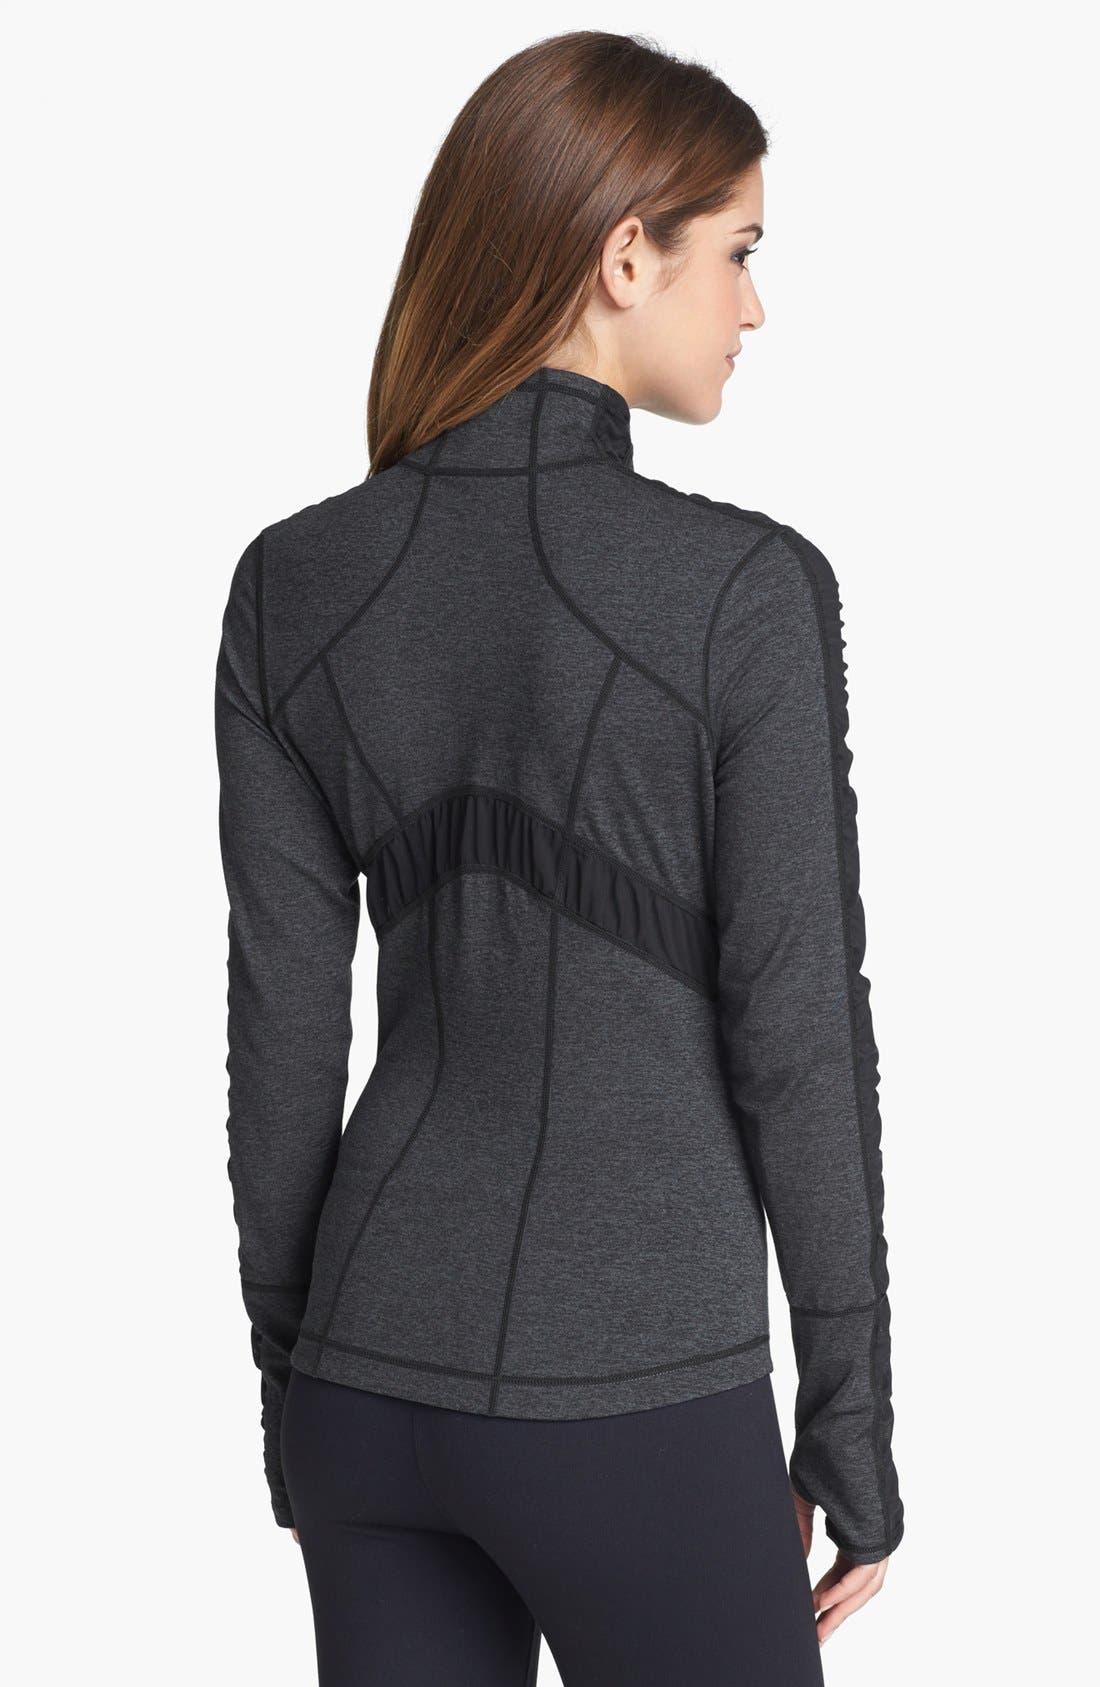 ZELLA, 'Prism' Cross Dye Jacket, Alternate thumbnail 4, color, 001